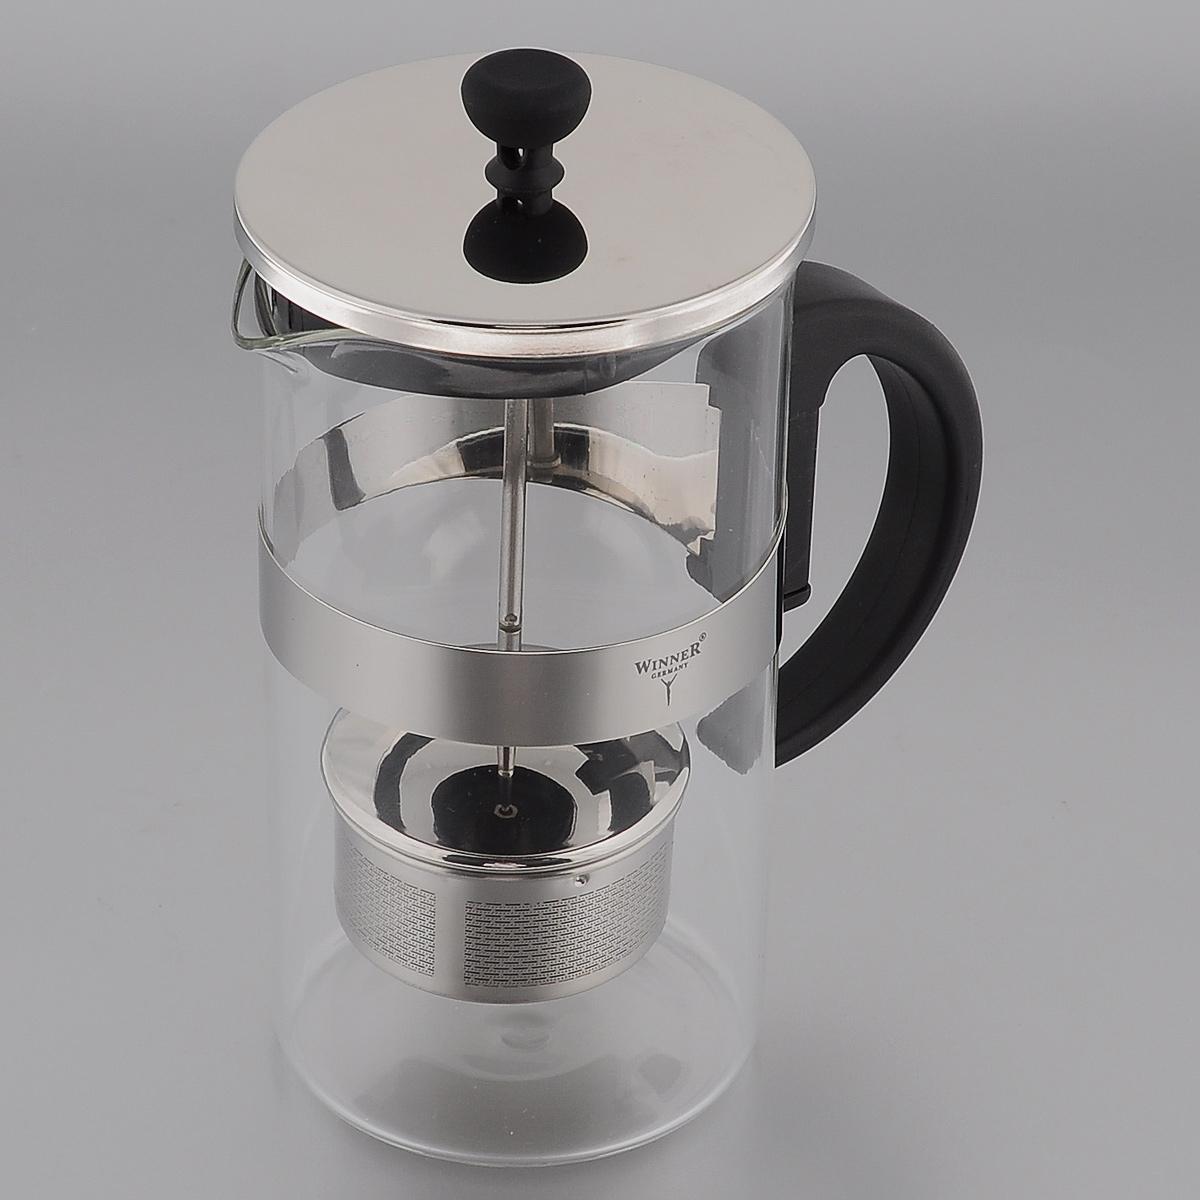 Френч-пресс Winner, 1 л. WR-5222WR-5222Френч-пресс Winner, изготовленный из термостойкого стекла с пластиковой ручкой, предоставит вам все необходимые возможности для успешного заваривания чая. Чай в таком чайнике дольше остается горячим, а полезные и ароматические вещества полностью сохраняются в напитке. Изделие оснащено фильтром, крышкой и удобным поршнем из нержавеющей стали, который поможет дозировать степень заварки напитка. Простой и удобный френч-пресс Winner поможет вам приготовить крепкий, ароматный чай.Нельзя мыть в посудомоечной машине. Не использовать в микроволновой печи.Диаметр чайника (по верхнему краю): 9,5 см.Высота чайника (без учета крышки): 18 см.Высота фильтра: 3,5 см.